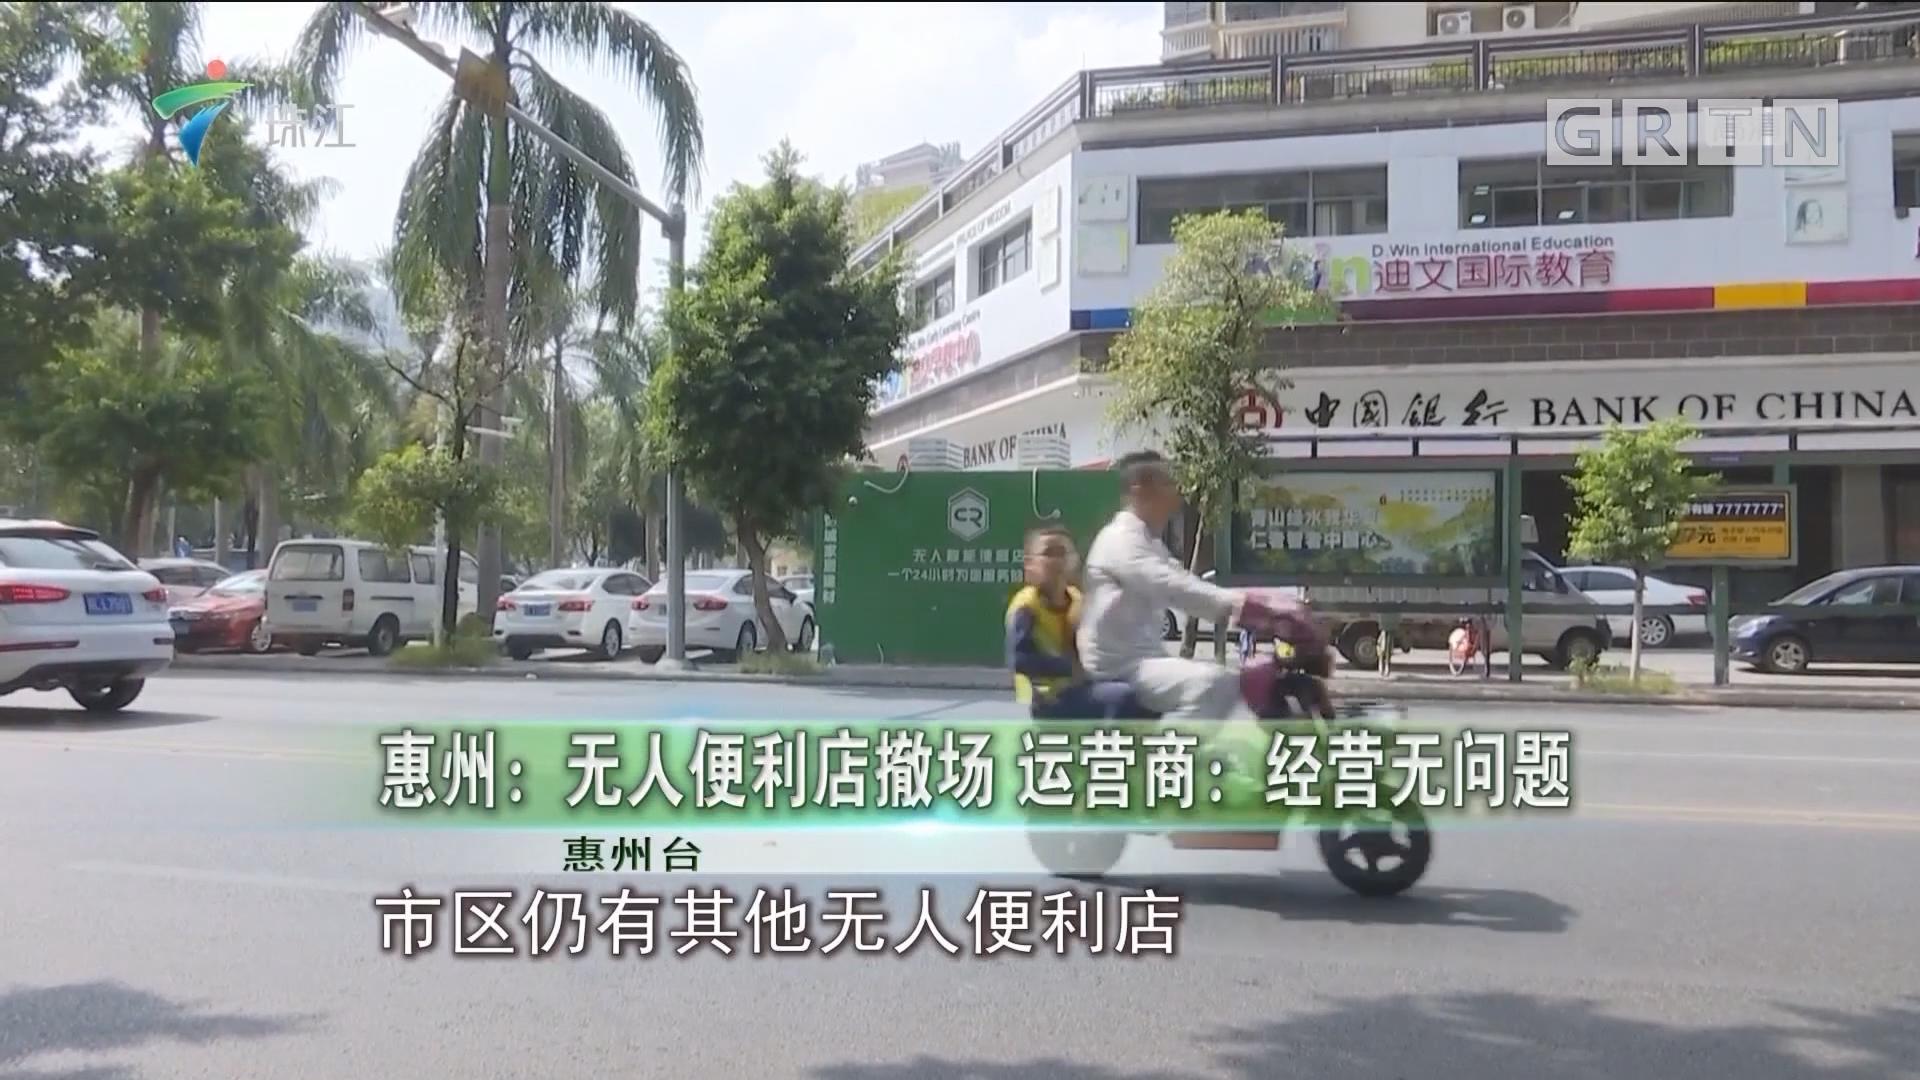 惠州:无人便利店撤场 运营商:经营无问题